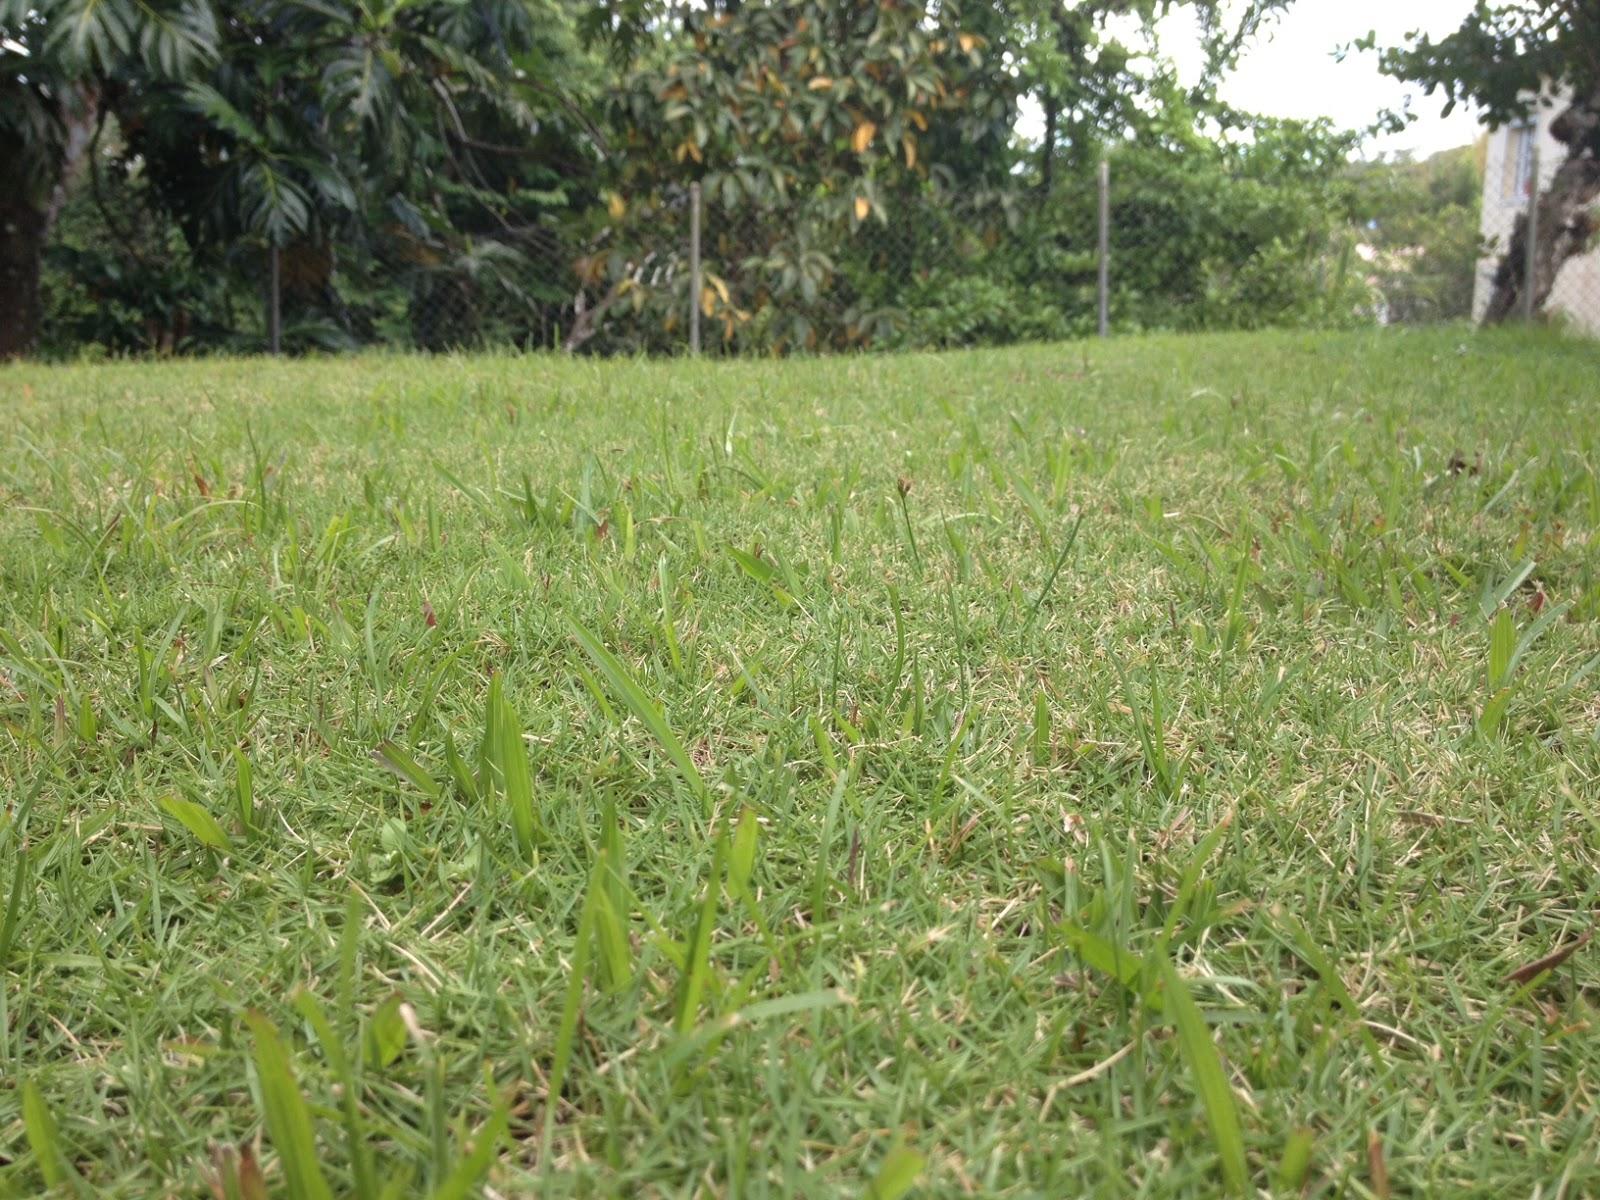 A la recherche de l 39 herbe ultime construire maison cr ole en martinique - Arrosage gazon apres semis ...